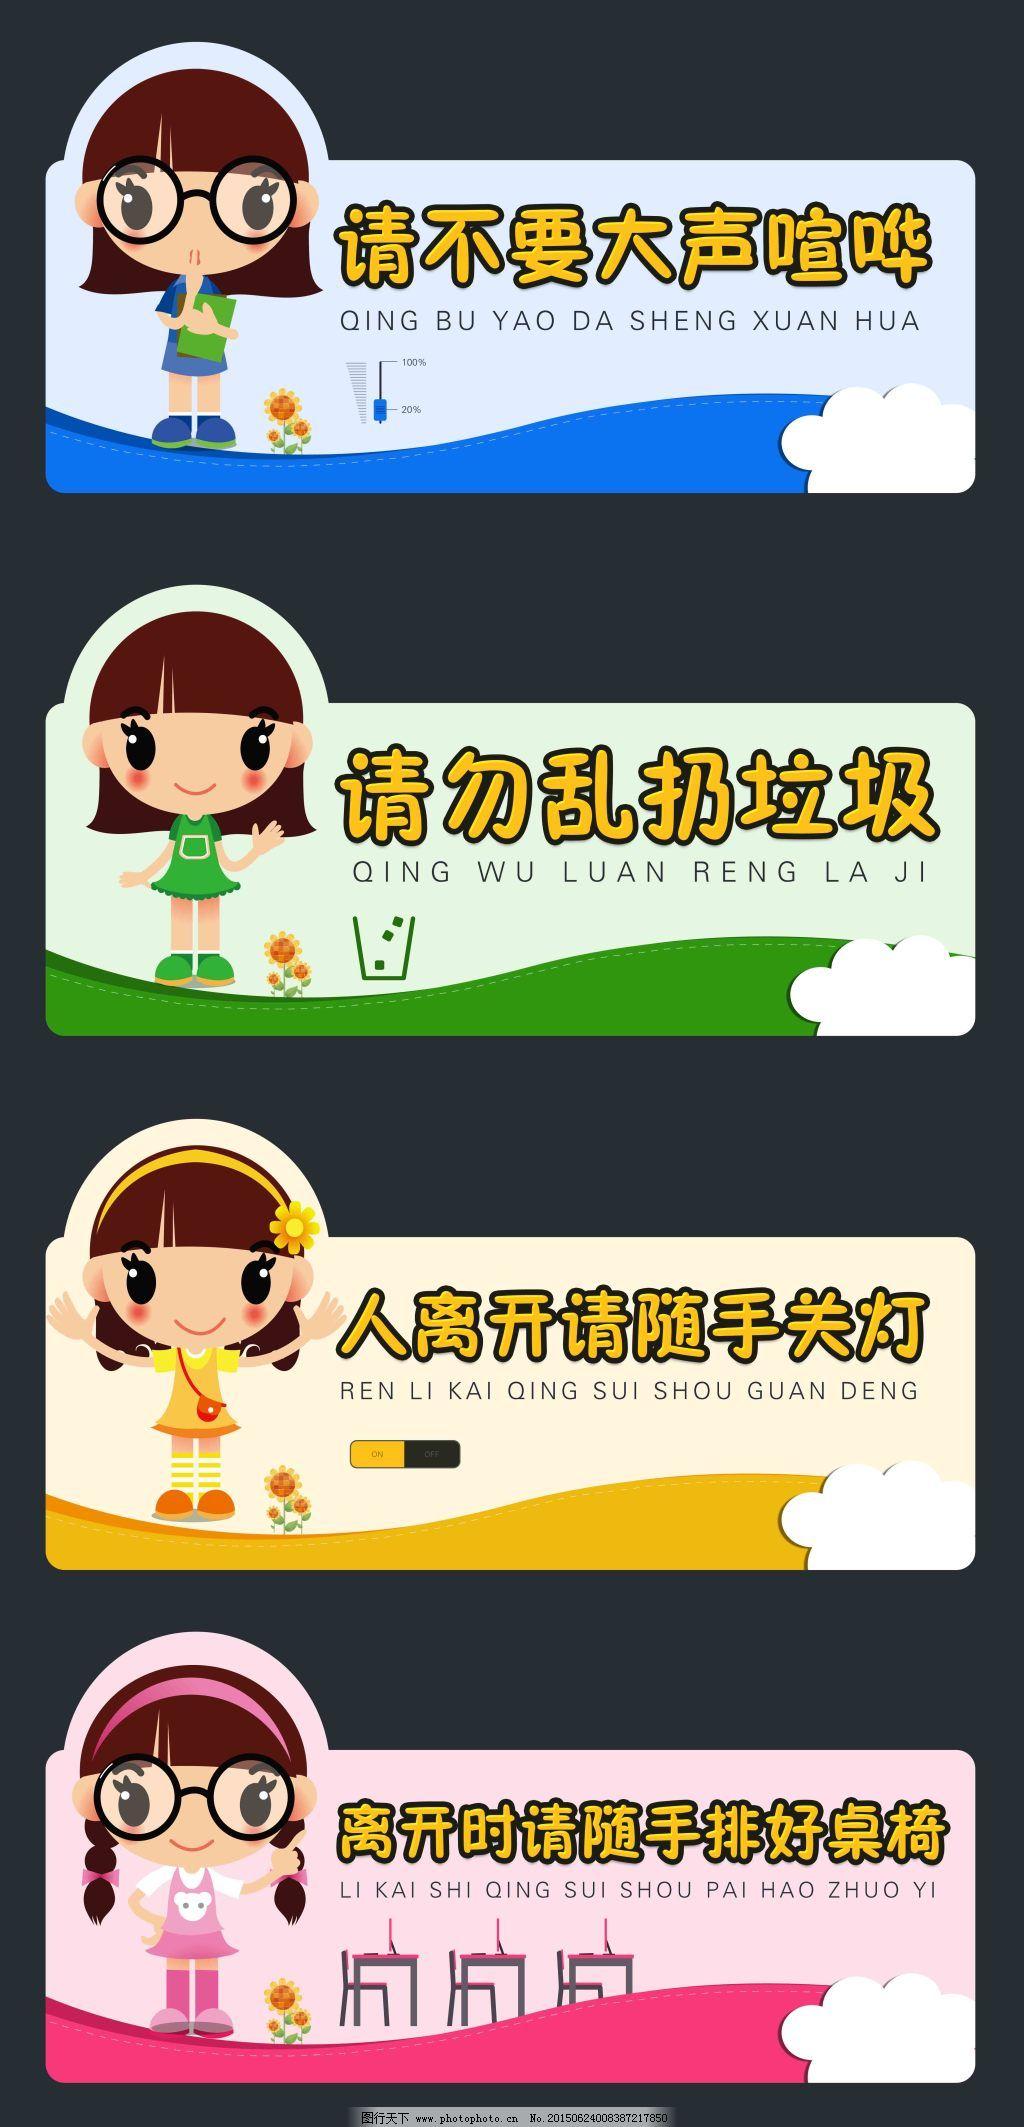 温馨提示 文明 文明标语 卡通文明礼仪宣传标语展板 文明标语 幼儿园